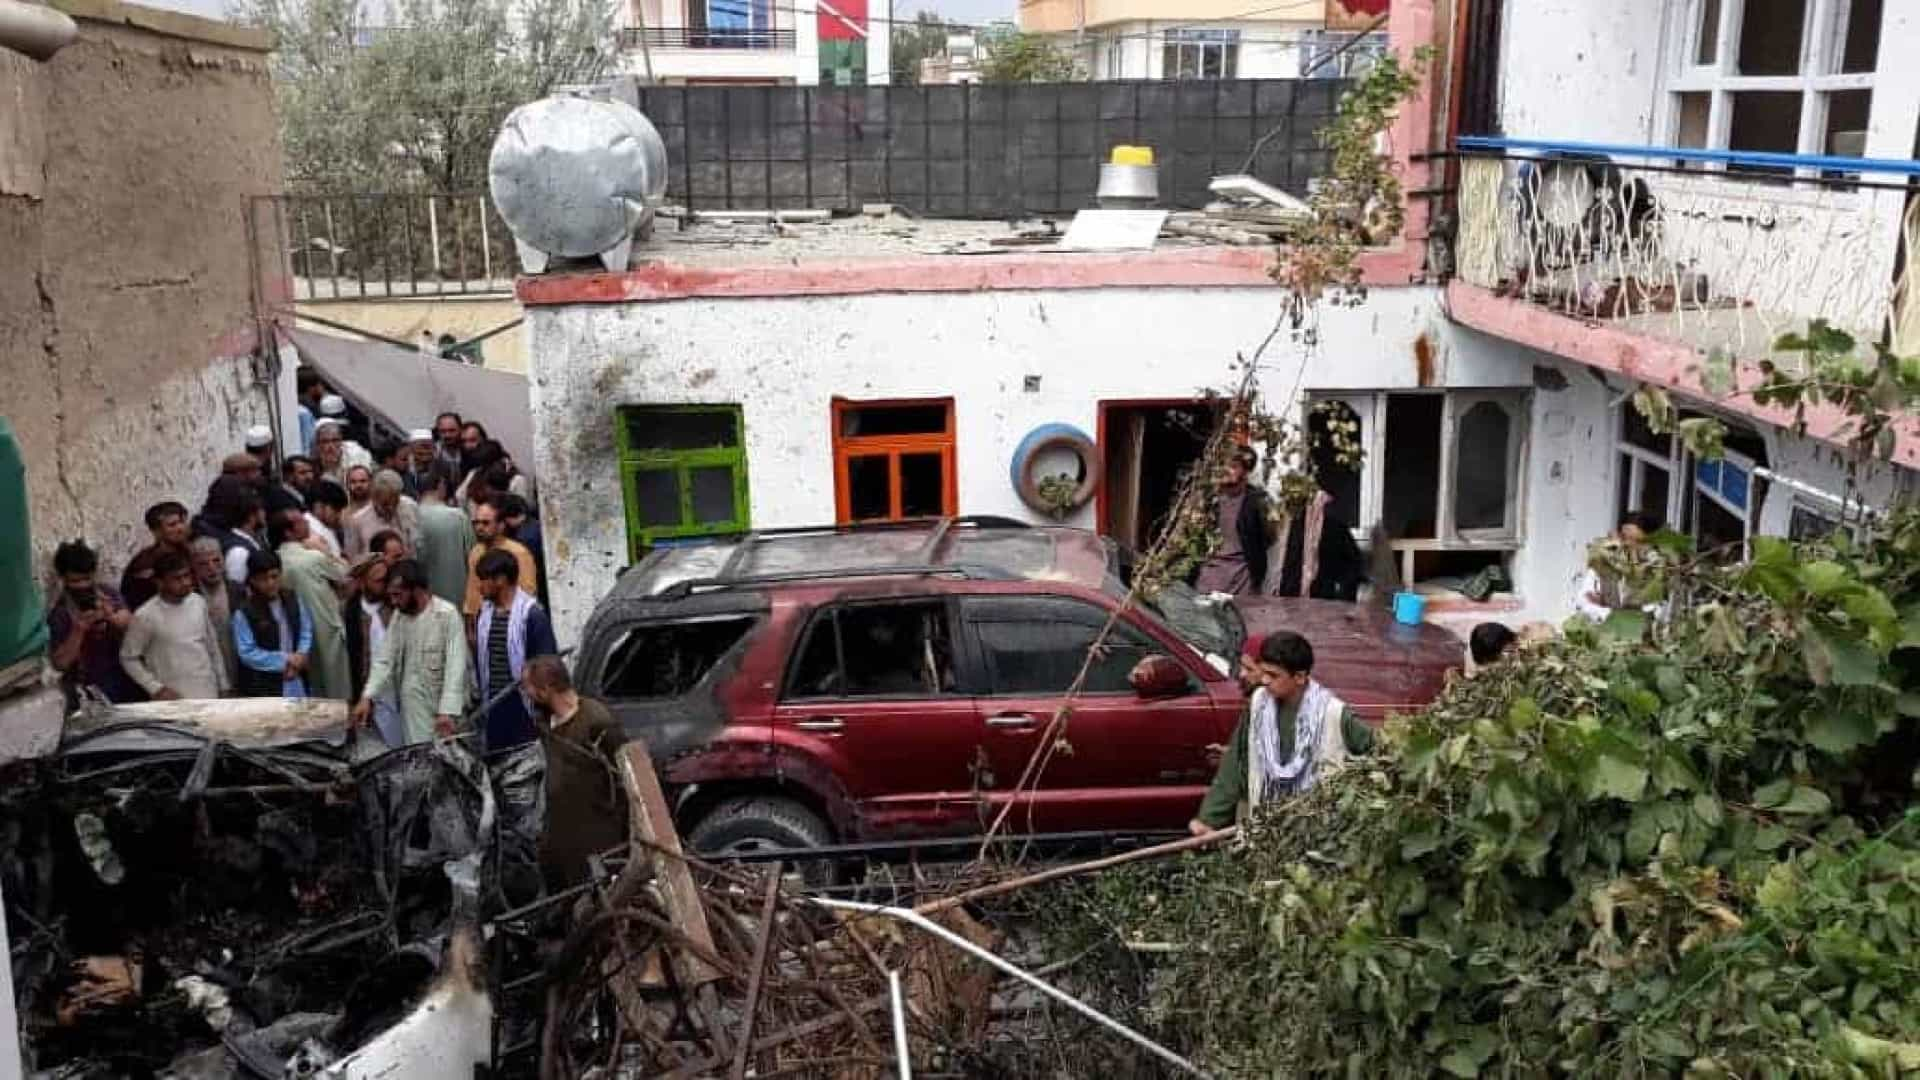 Afeganistão: CIA alertou para eventual presença de civis antes de ataque